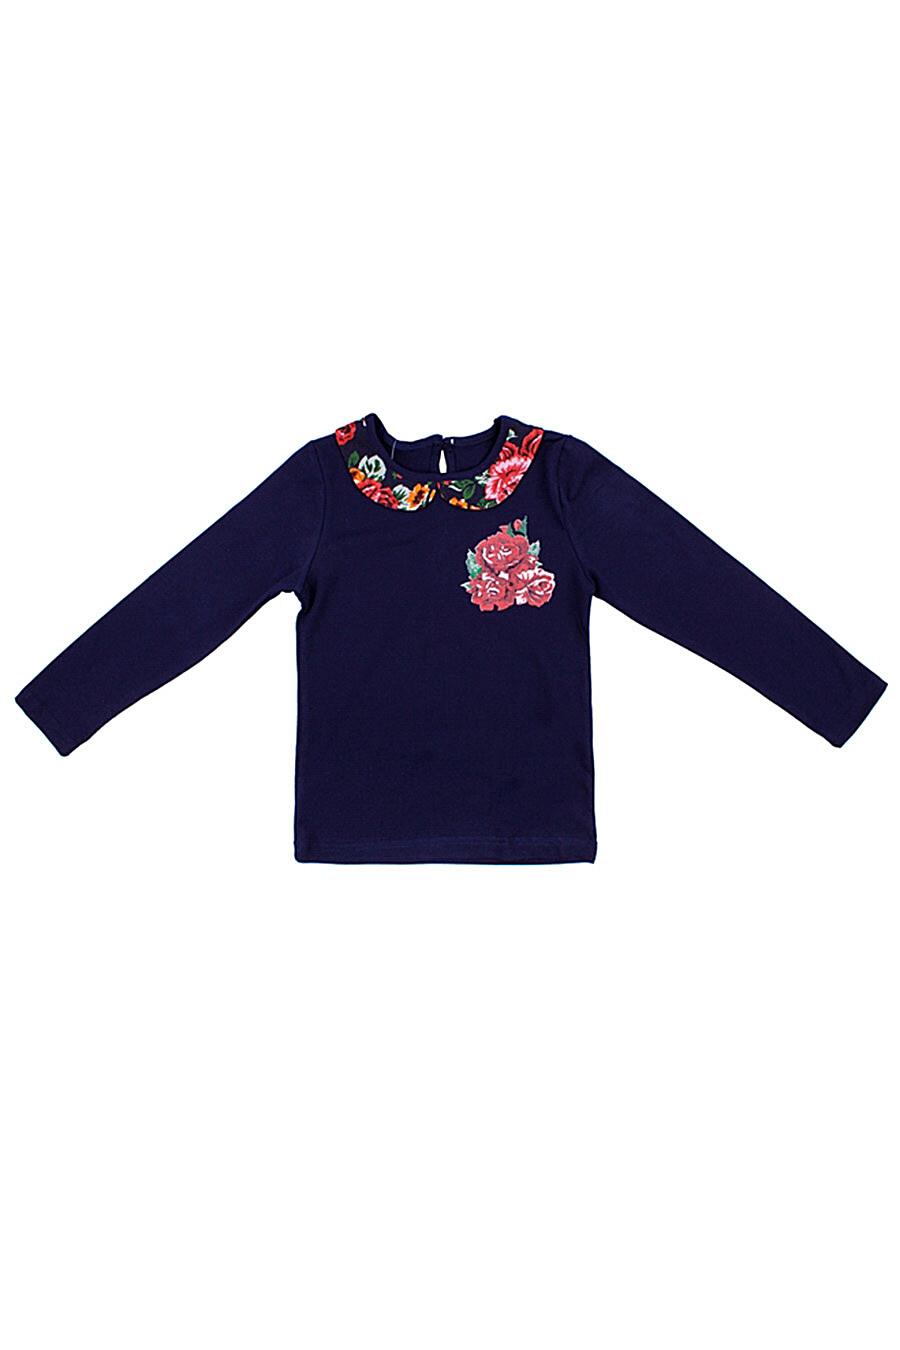 Джемпер для девочек Archi 131265 купить оптом от производителя. Совместная покупка детской одежды в OptMoyo